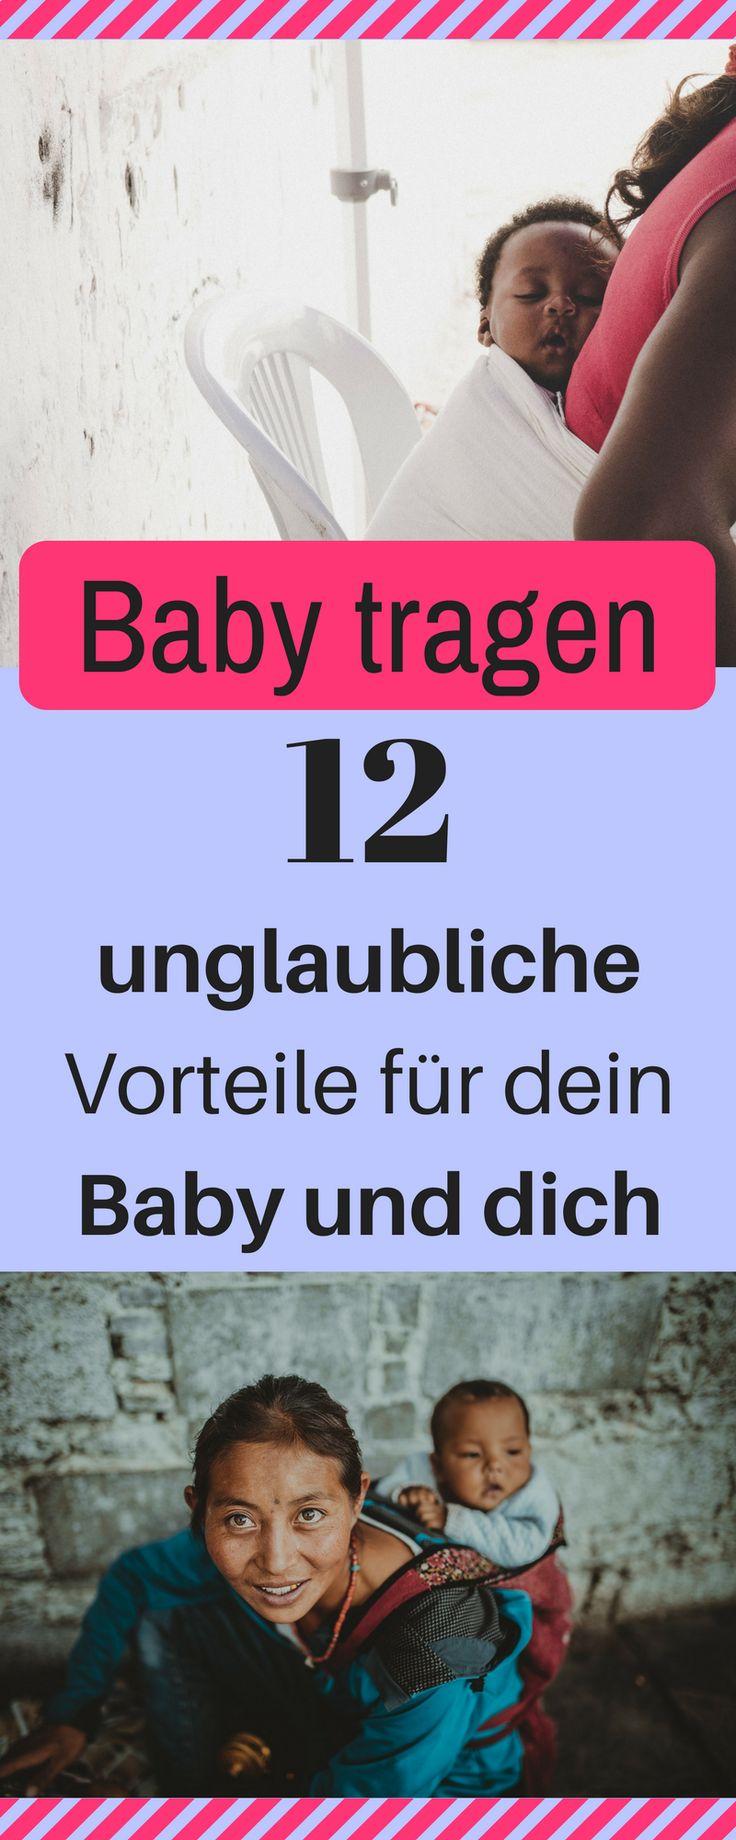 Darum ist es für dein Baby vorteilhaft, wenn du es trägst. Baby tragen im Tuch, Baby Trageanleitung, Baby Manduca, Tragetuch Baby Anleitung, Tipps gegen 3-Monats Koliken, besserer Schlaf für Babys, Baby Einschlafhilfe, Tragetuch Neugeborenes, Tragetuch binden Anleitung, Tragentuch nähen, Tragetuch schwanger, Tragetuch Zwillinge, Tragentuch elastisch #baby #babygirl #babyboy